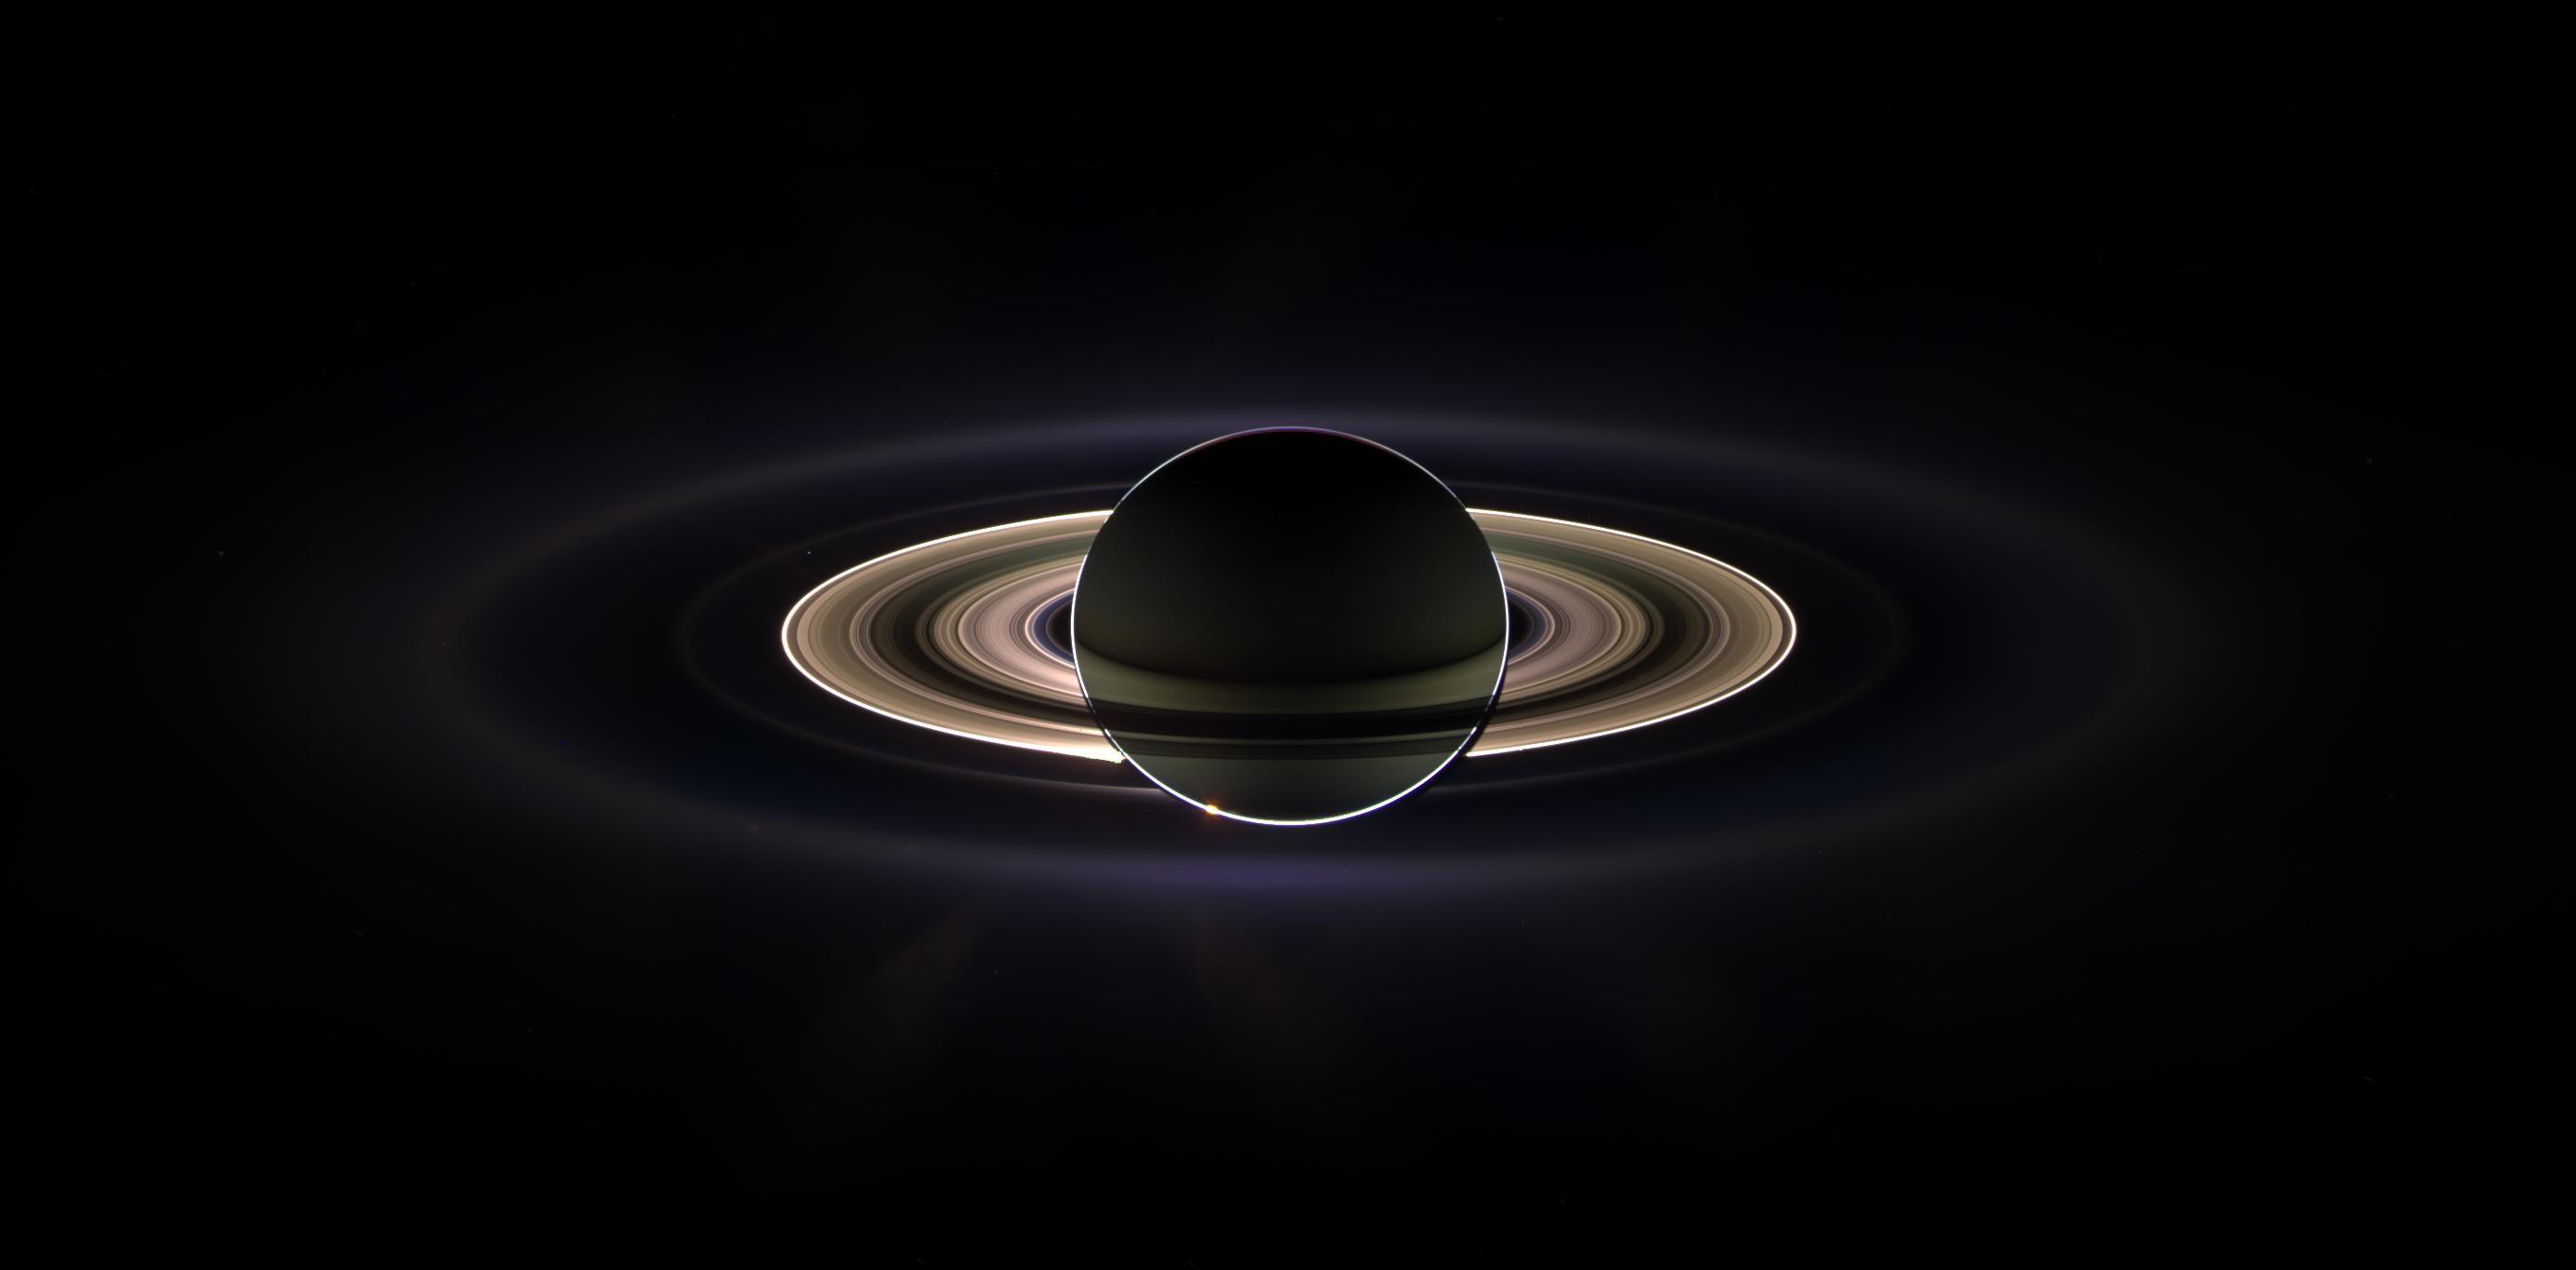 Saturno no contra-luz